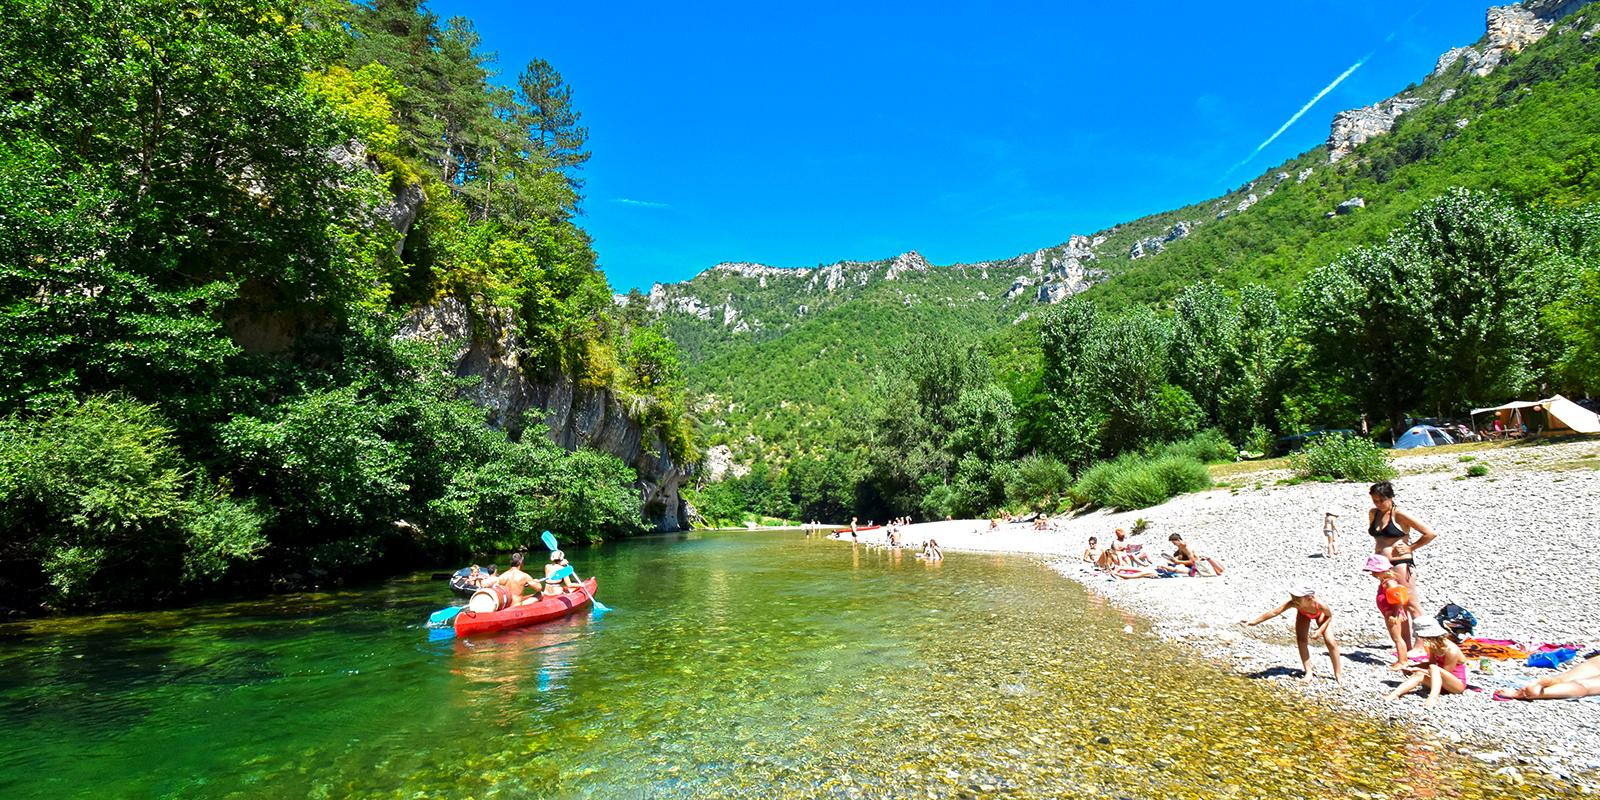 Camping 3 Étoiles Lozère - Camping La Blaquière Dans Les ... encequiconcerne Camping Gorges Du Tarn Avec Piscine